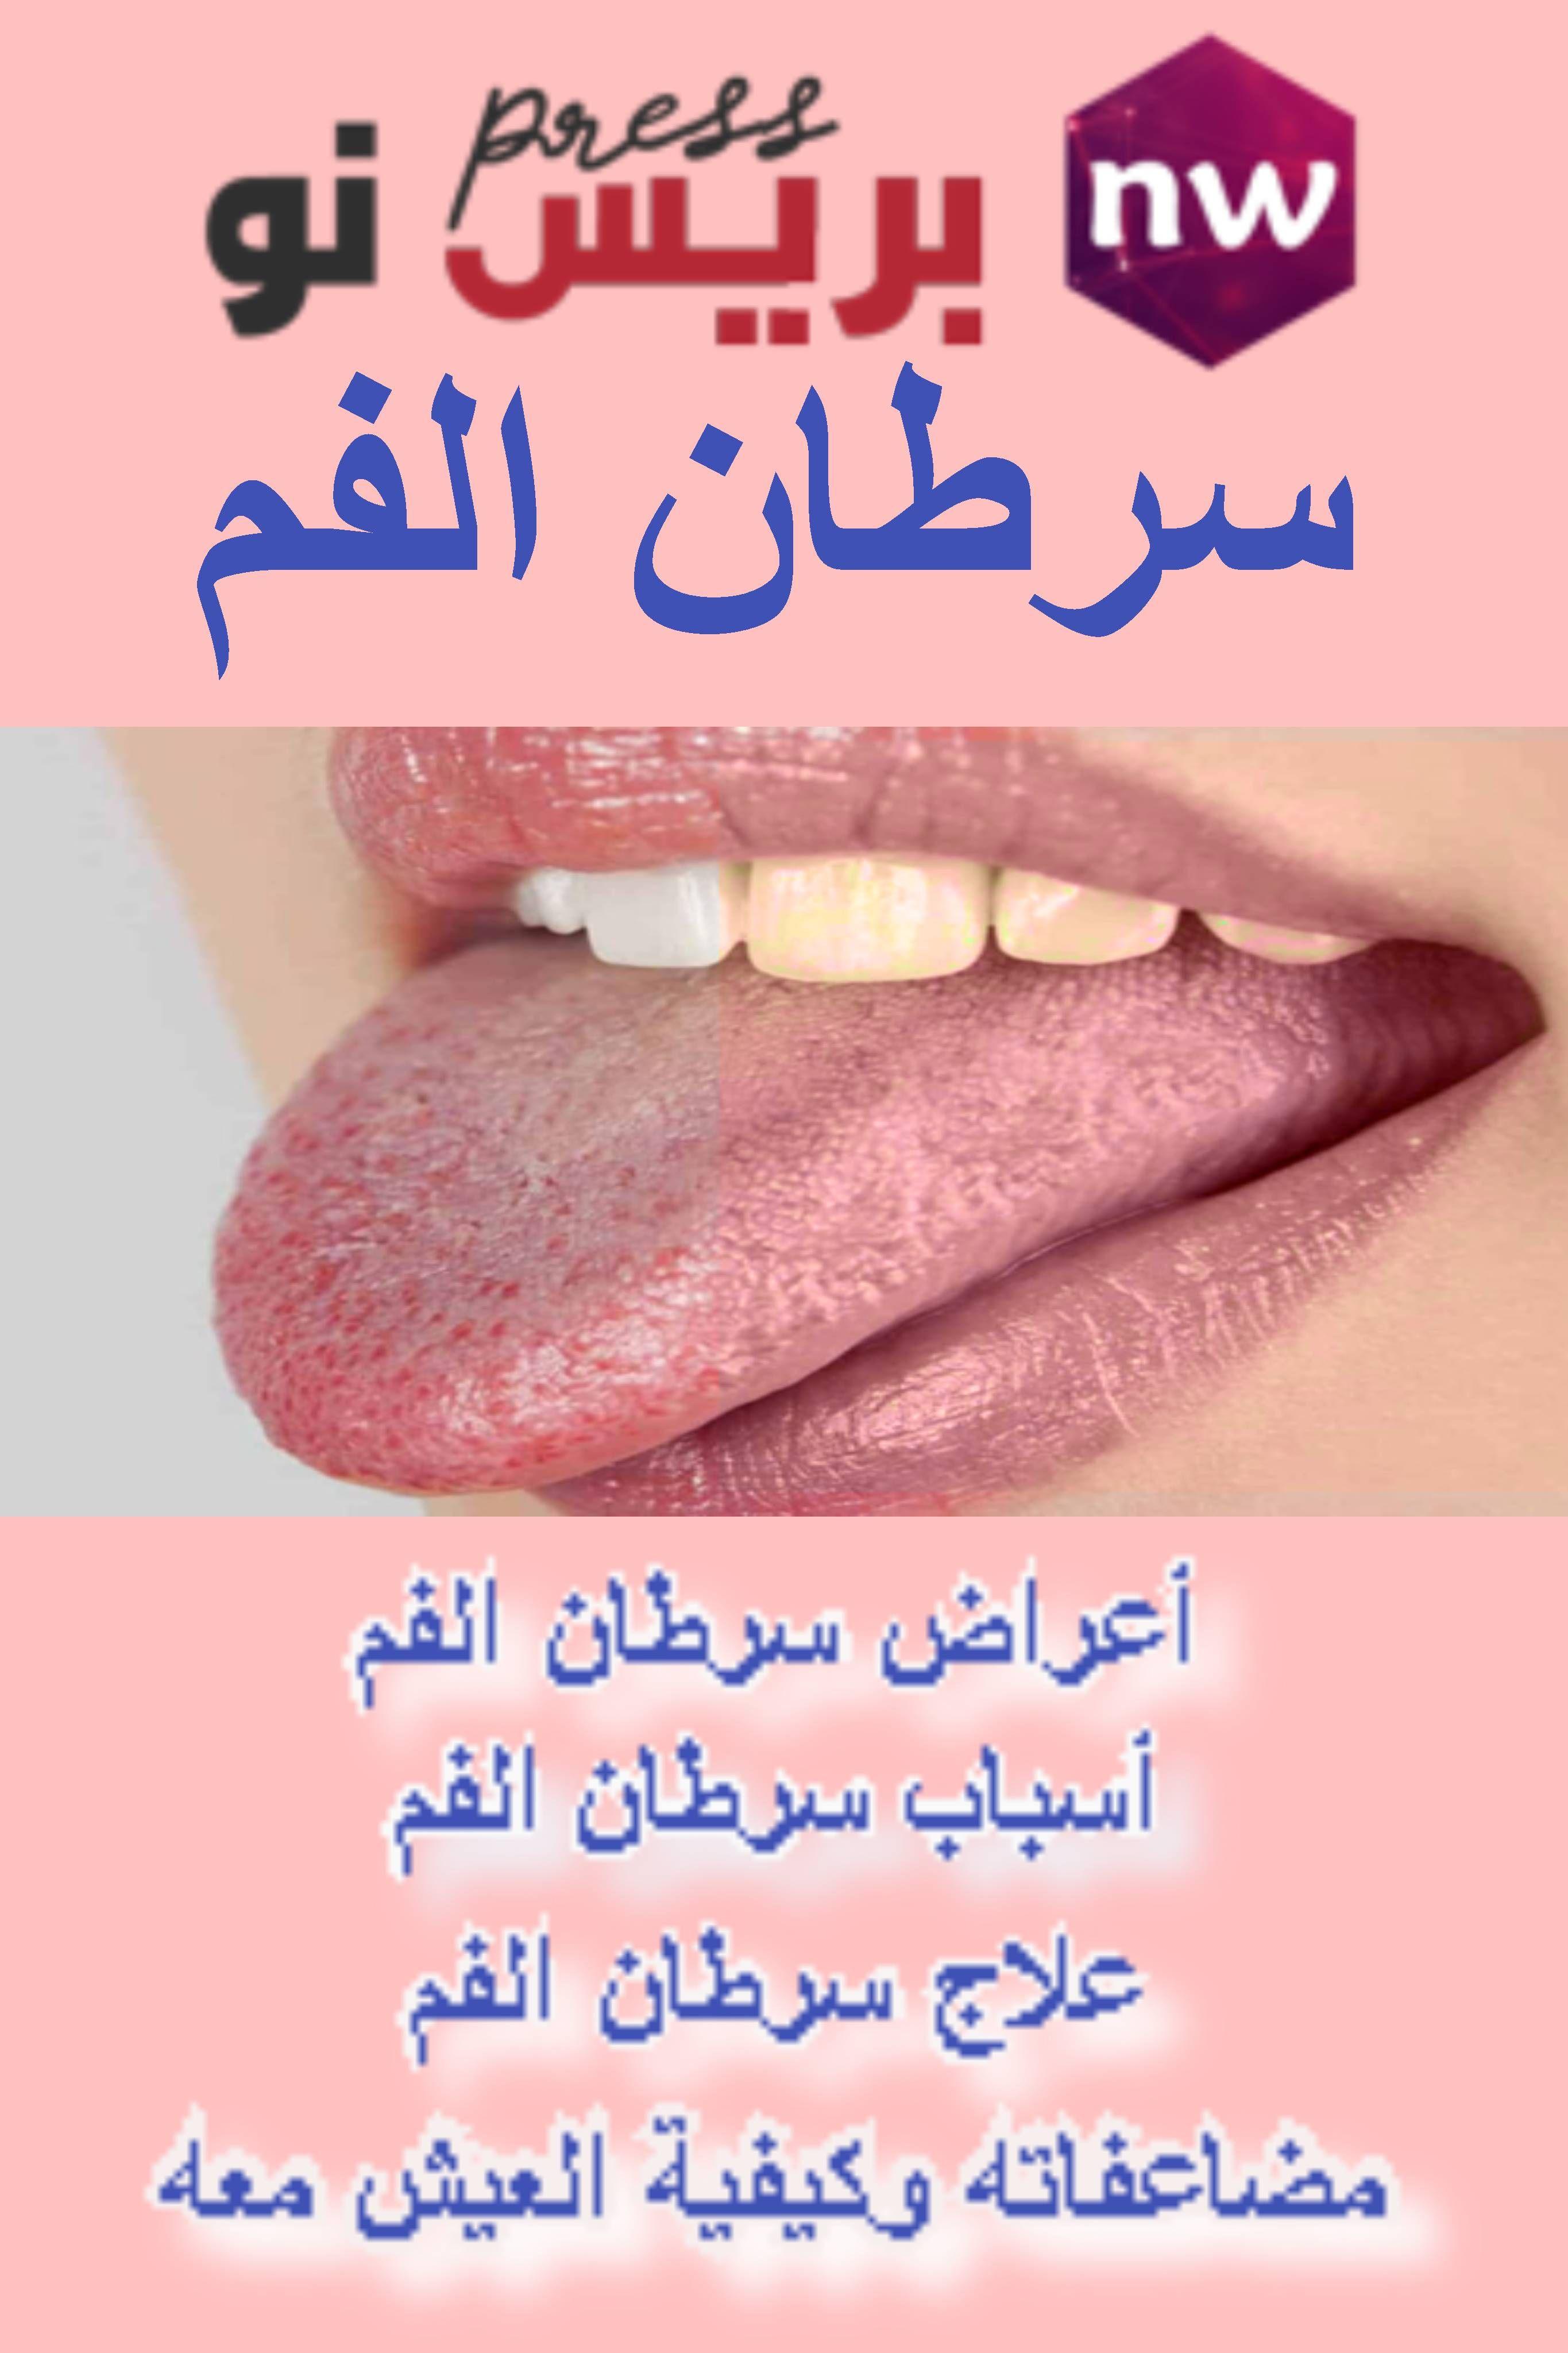 سرطان الفم الأعراض الأسباب مضاعفاته العلاج